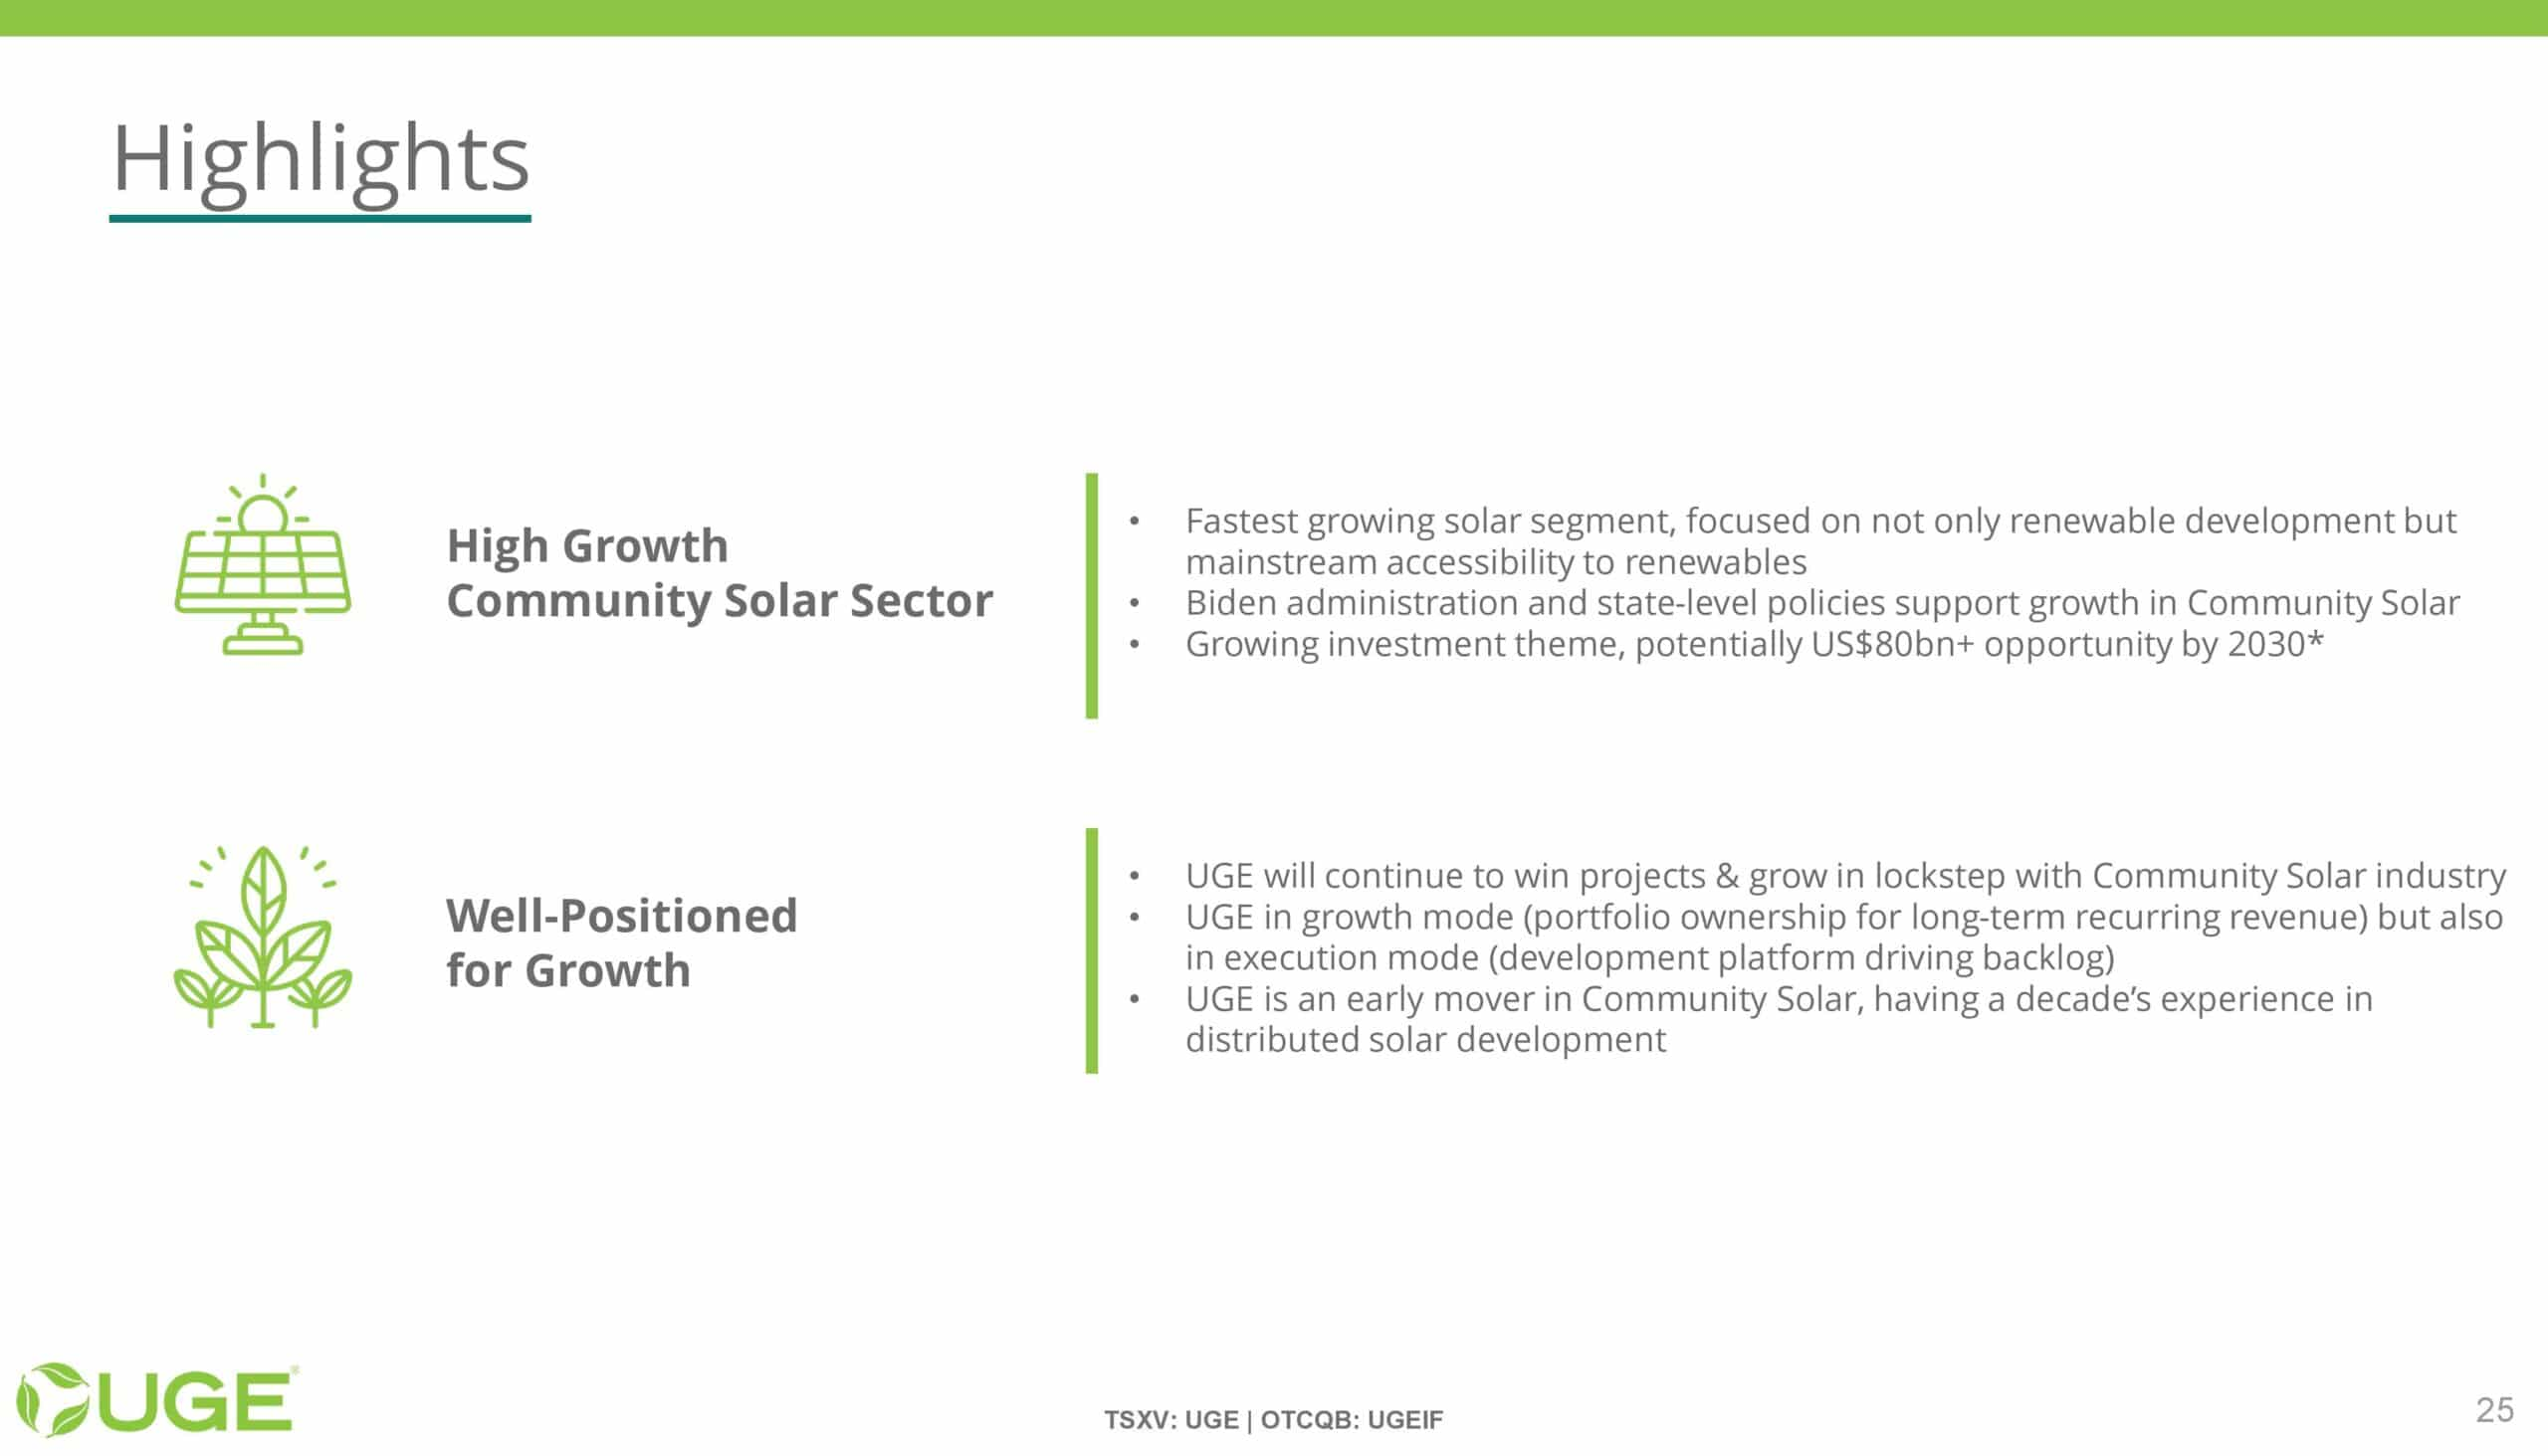 UGE Investor Presentation - 20211001-page-024